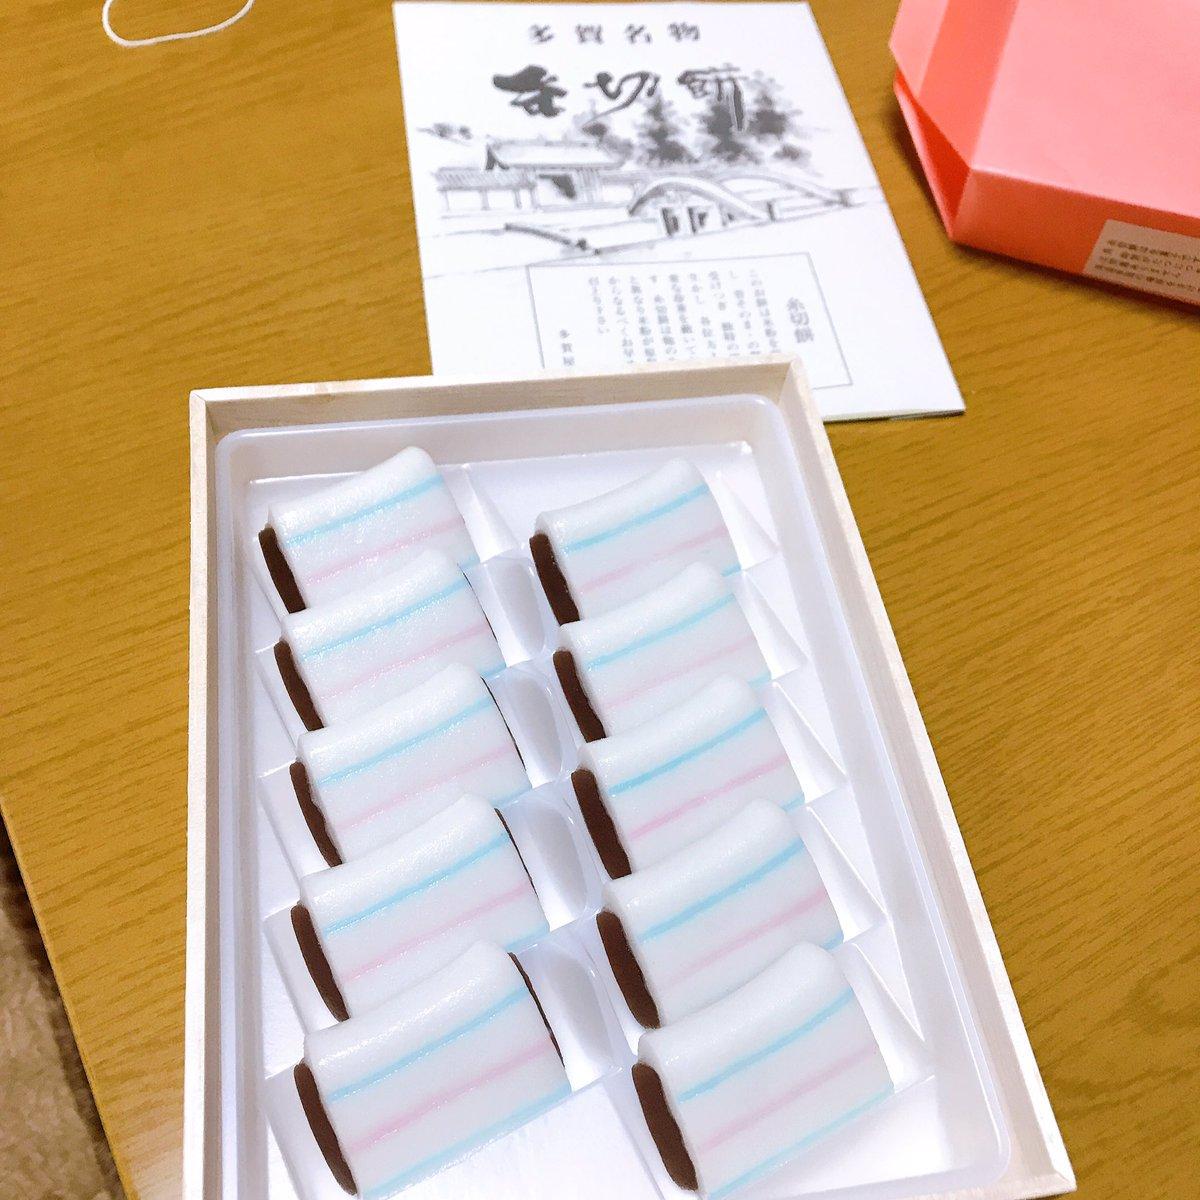 test ツイッターメディア - やっと初詣行ってきた!今年は中吉!多賀大社行ったらやっぱり買ってしまう糸切餅!一瞬で食べ終わった! https://t.co/lMmBuwOKqj